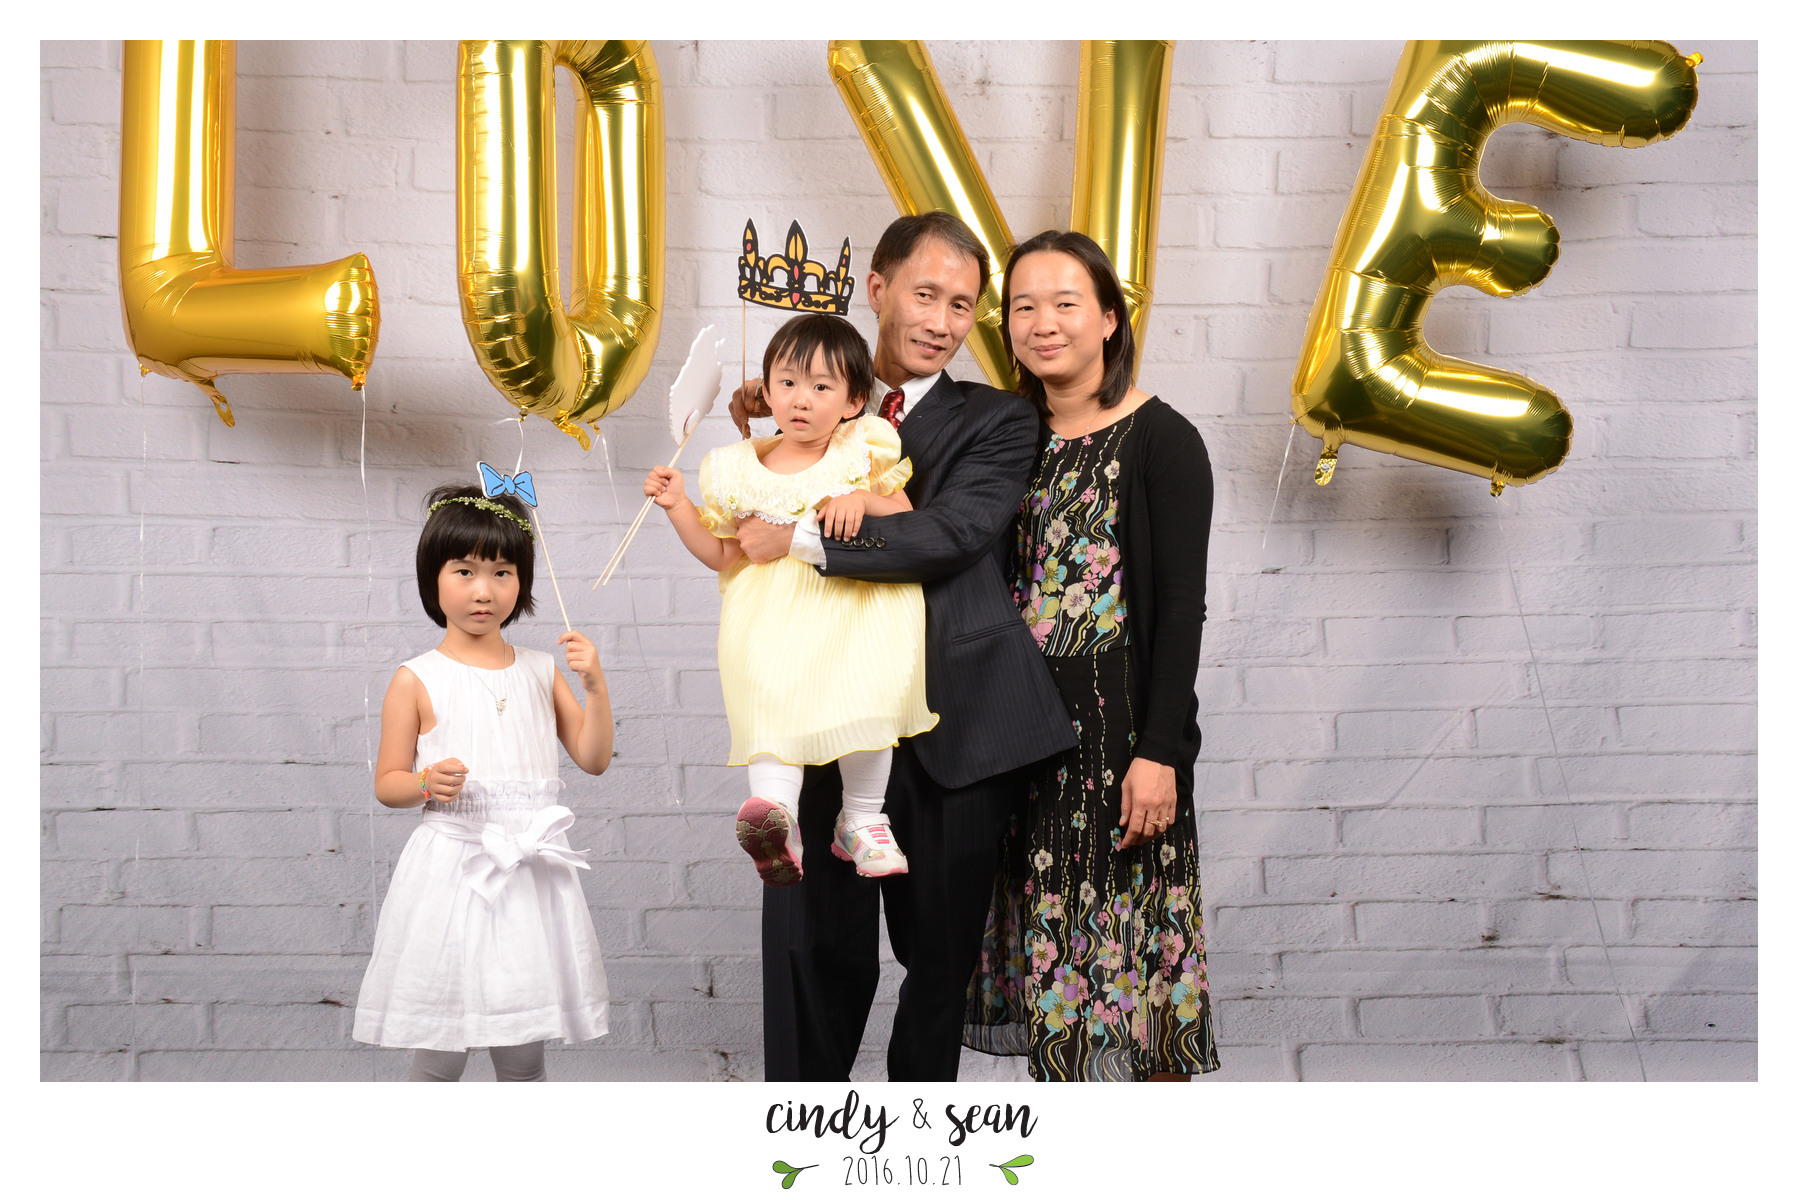 Cindy Sean Bae - 0001-50.jpg